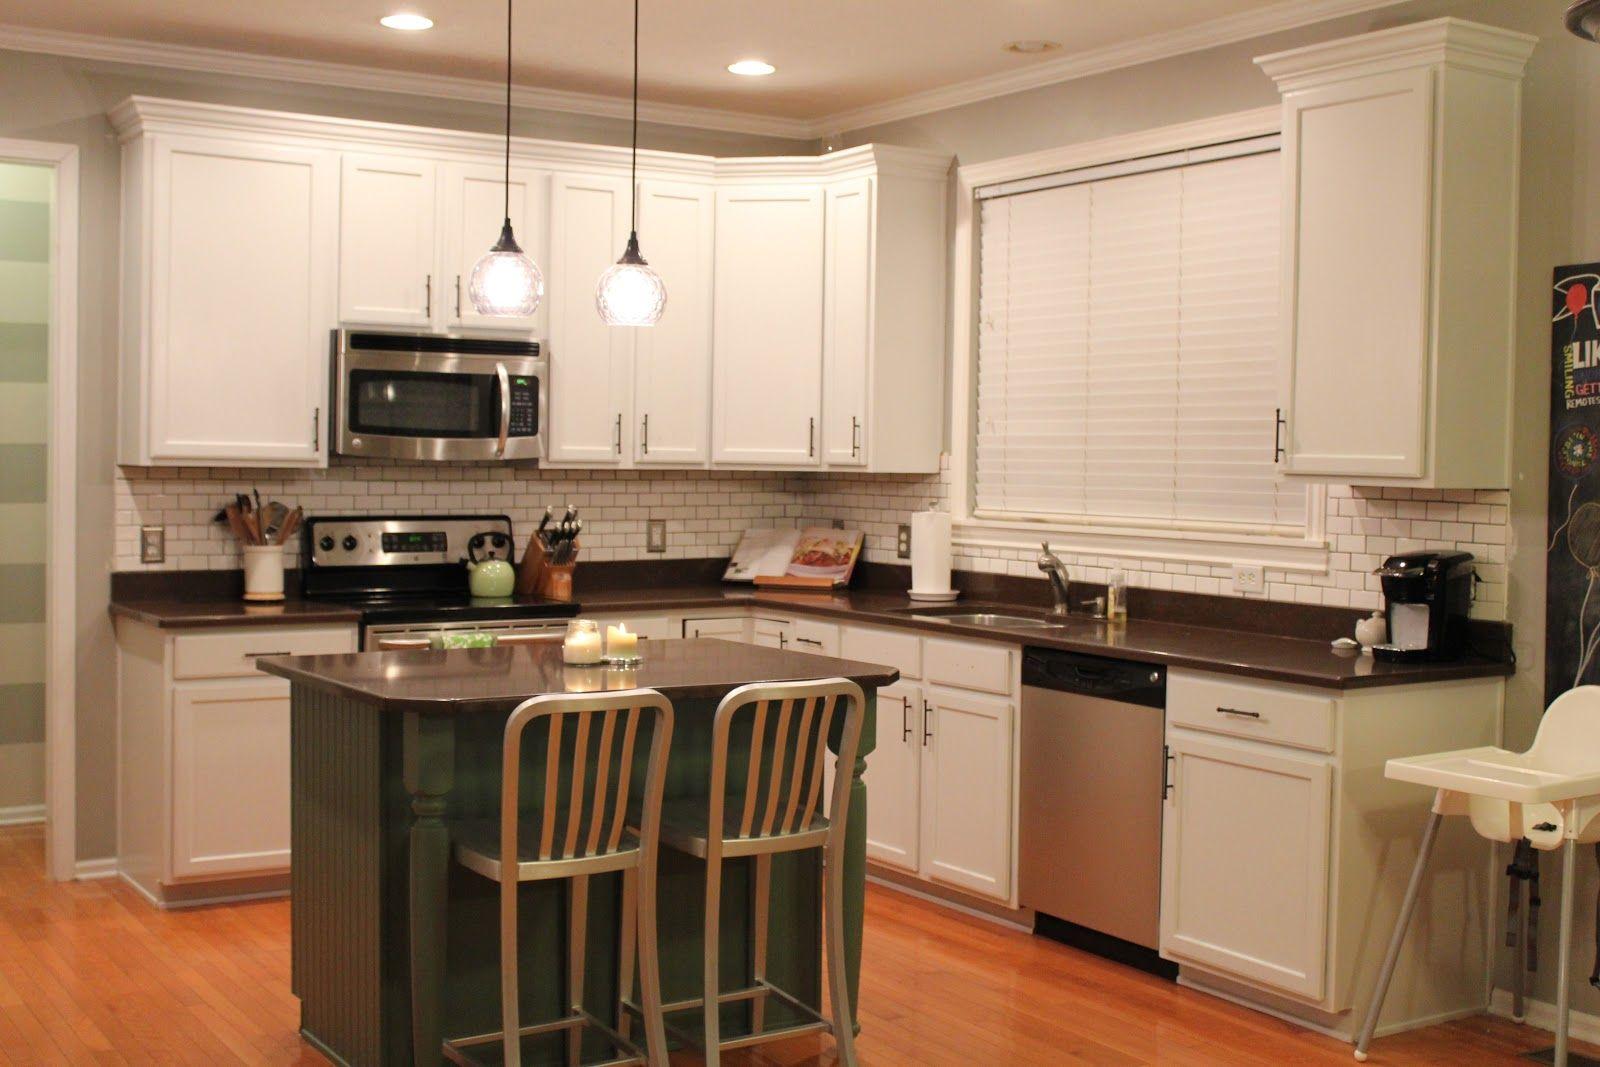 Venezianischen Bronze Kitchen Cabinet Hardware Eine Der Gefahren Die Bei Der Schaffung Cheap Kitchen Remodel Kitchen Remodel Cost Farmhouse Kitchen Remodel